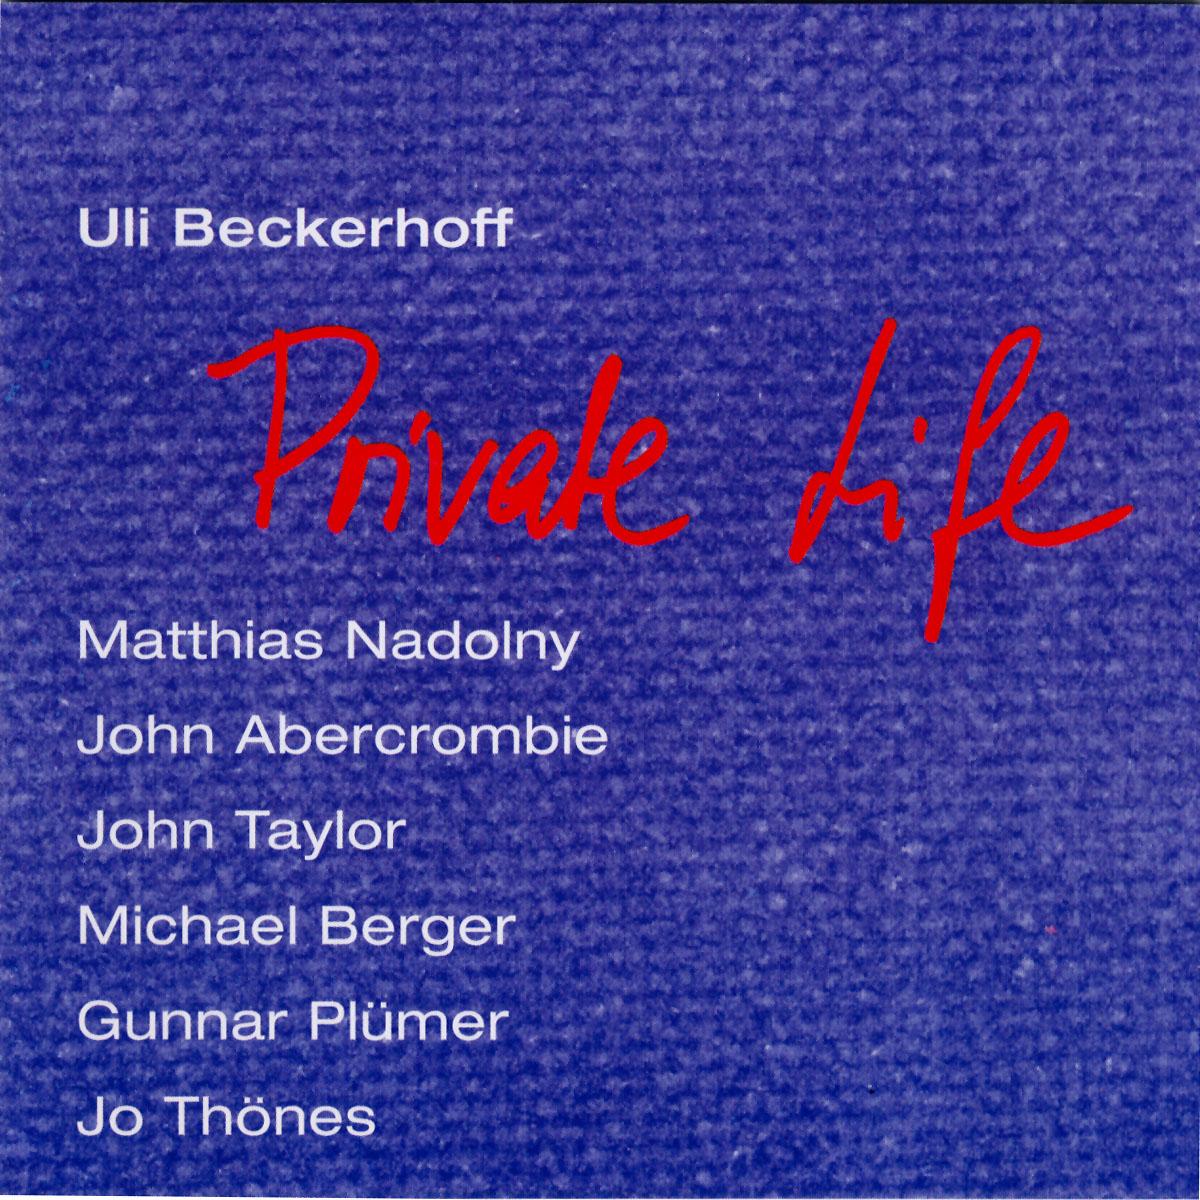 Uli Beckerhoff Group